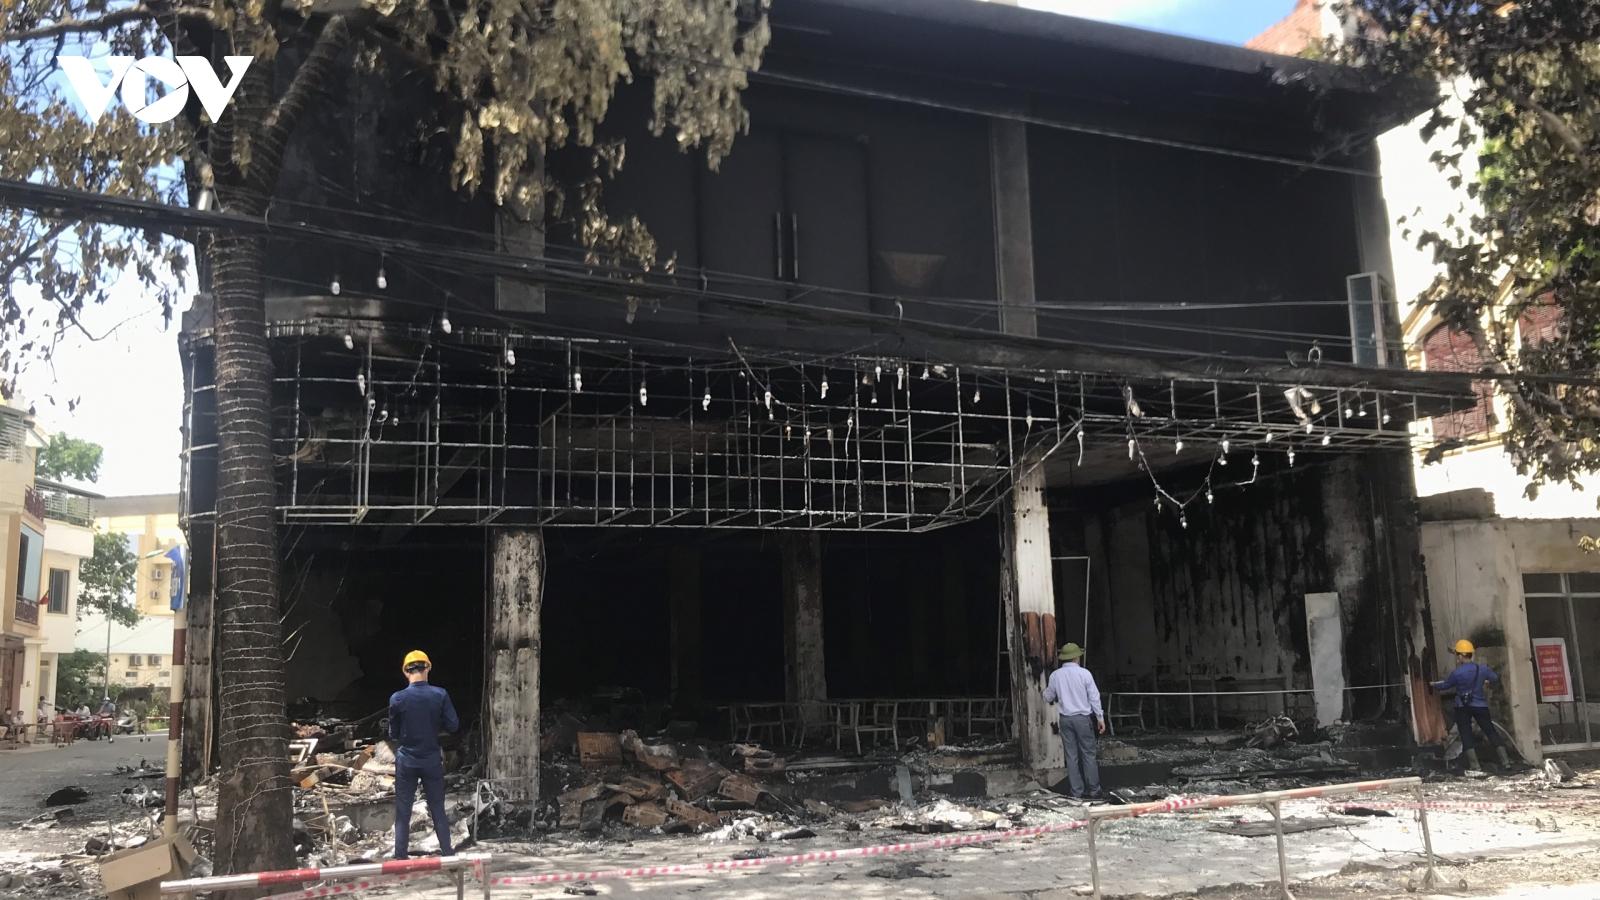 Bộ Công an vào cuộc điều tra nguyên nhân vụ cháy kinh hoàng khiến 6 người tử vong